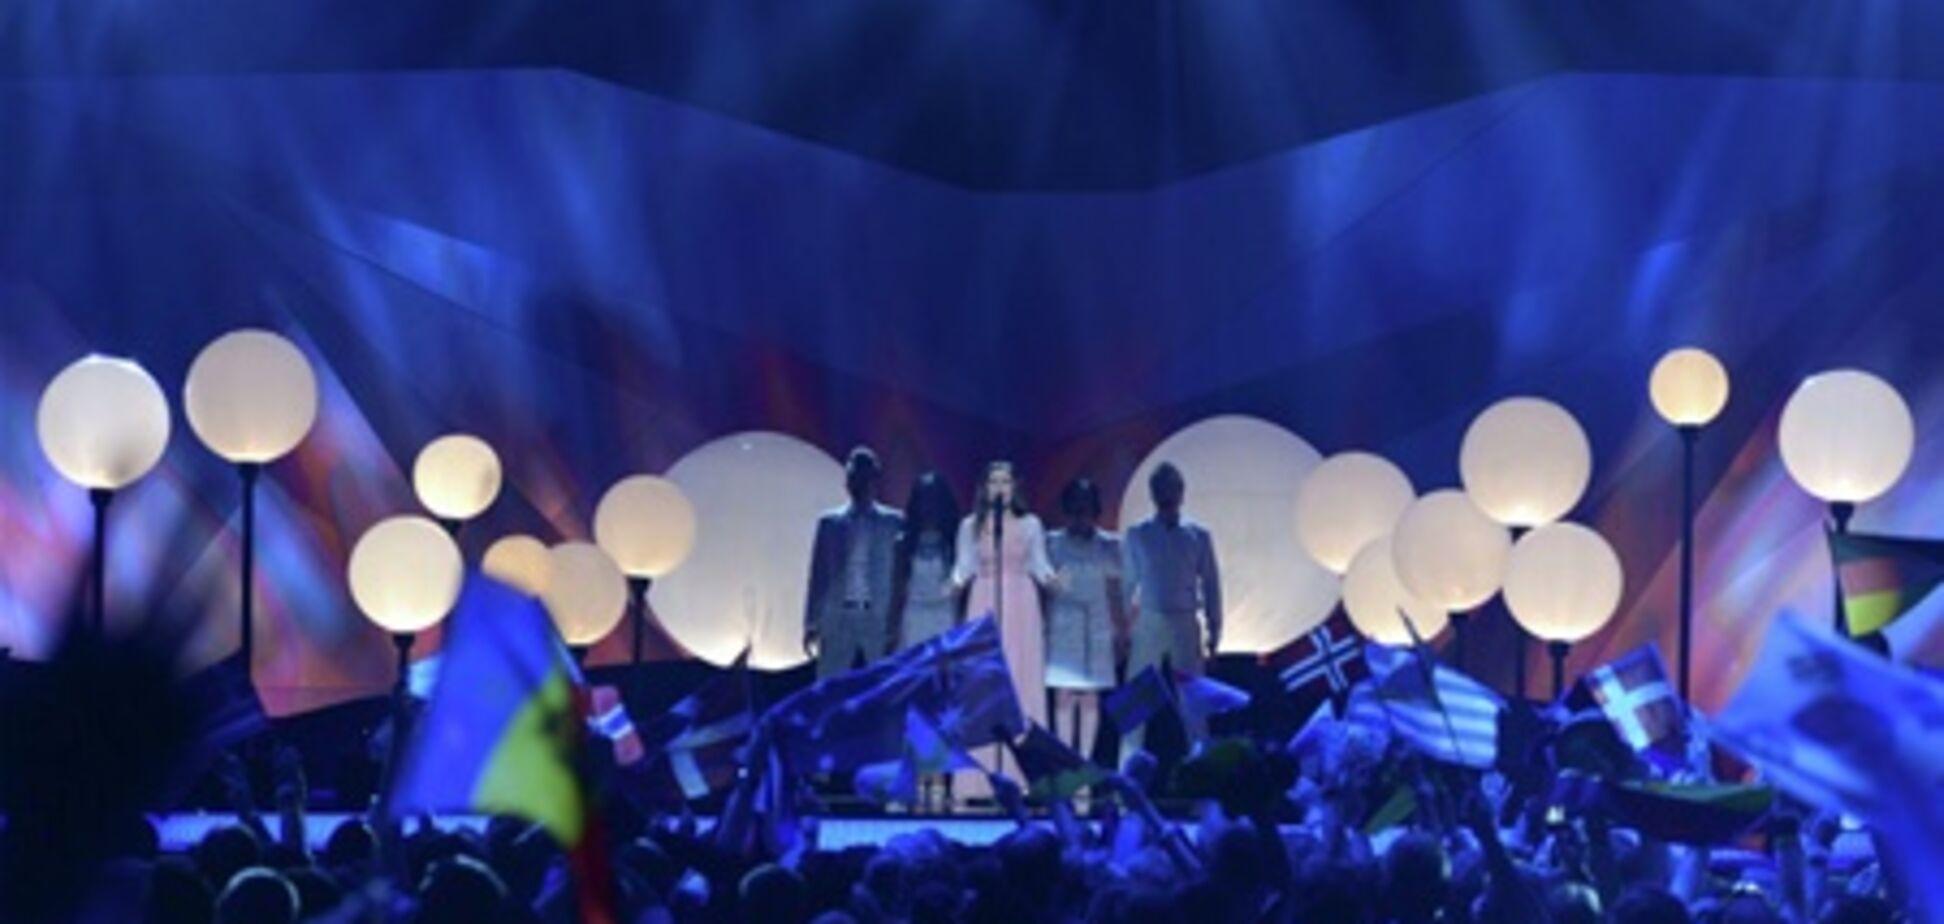 МИД РФ 'грозит ответом' за кражу голосов на 'Евровидении'